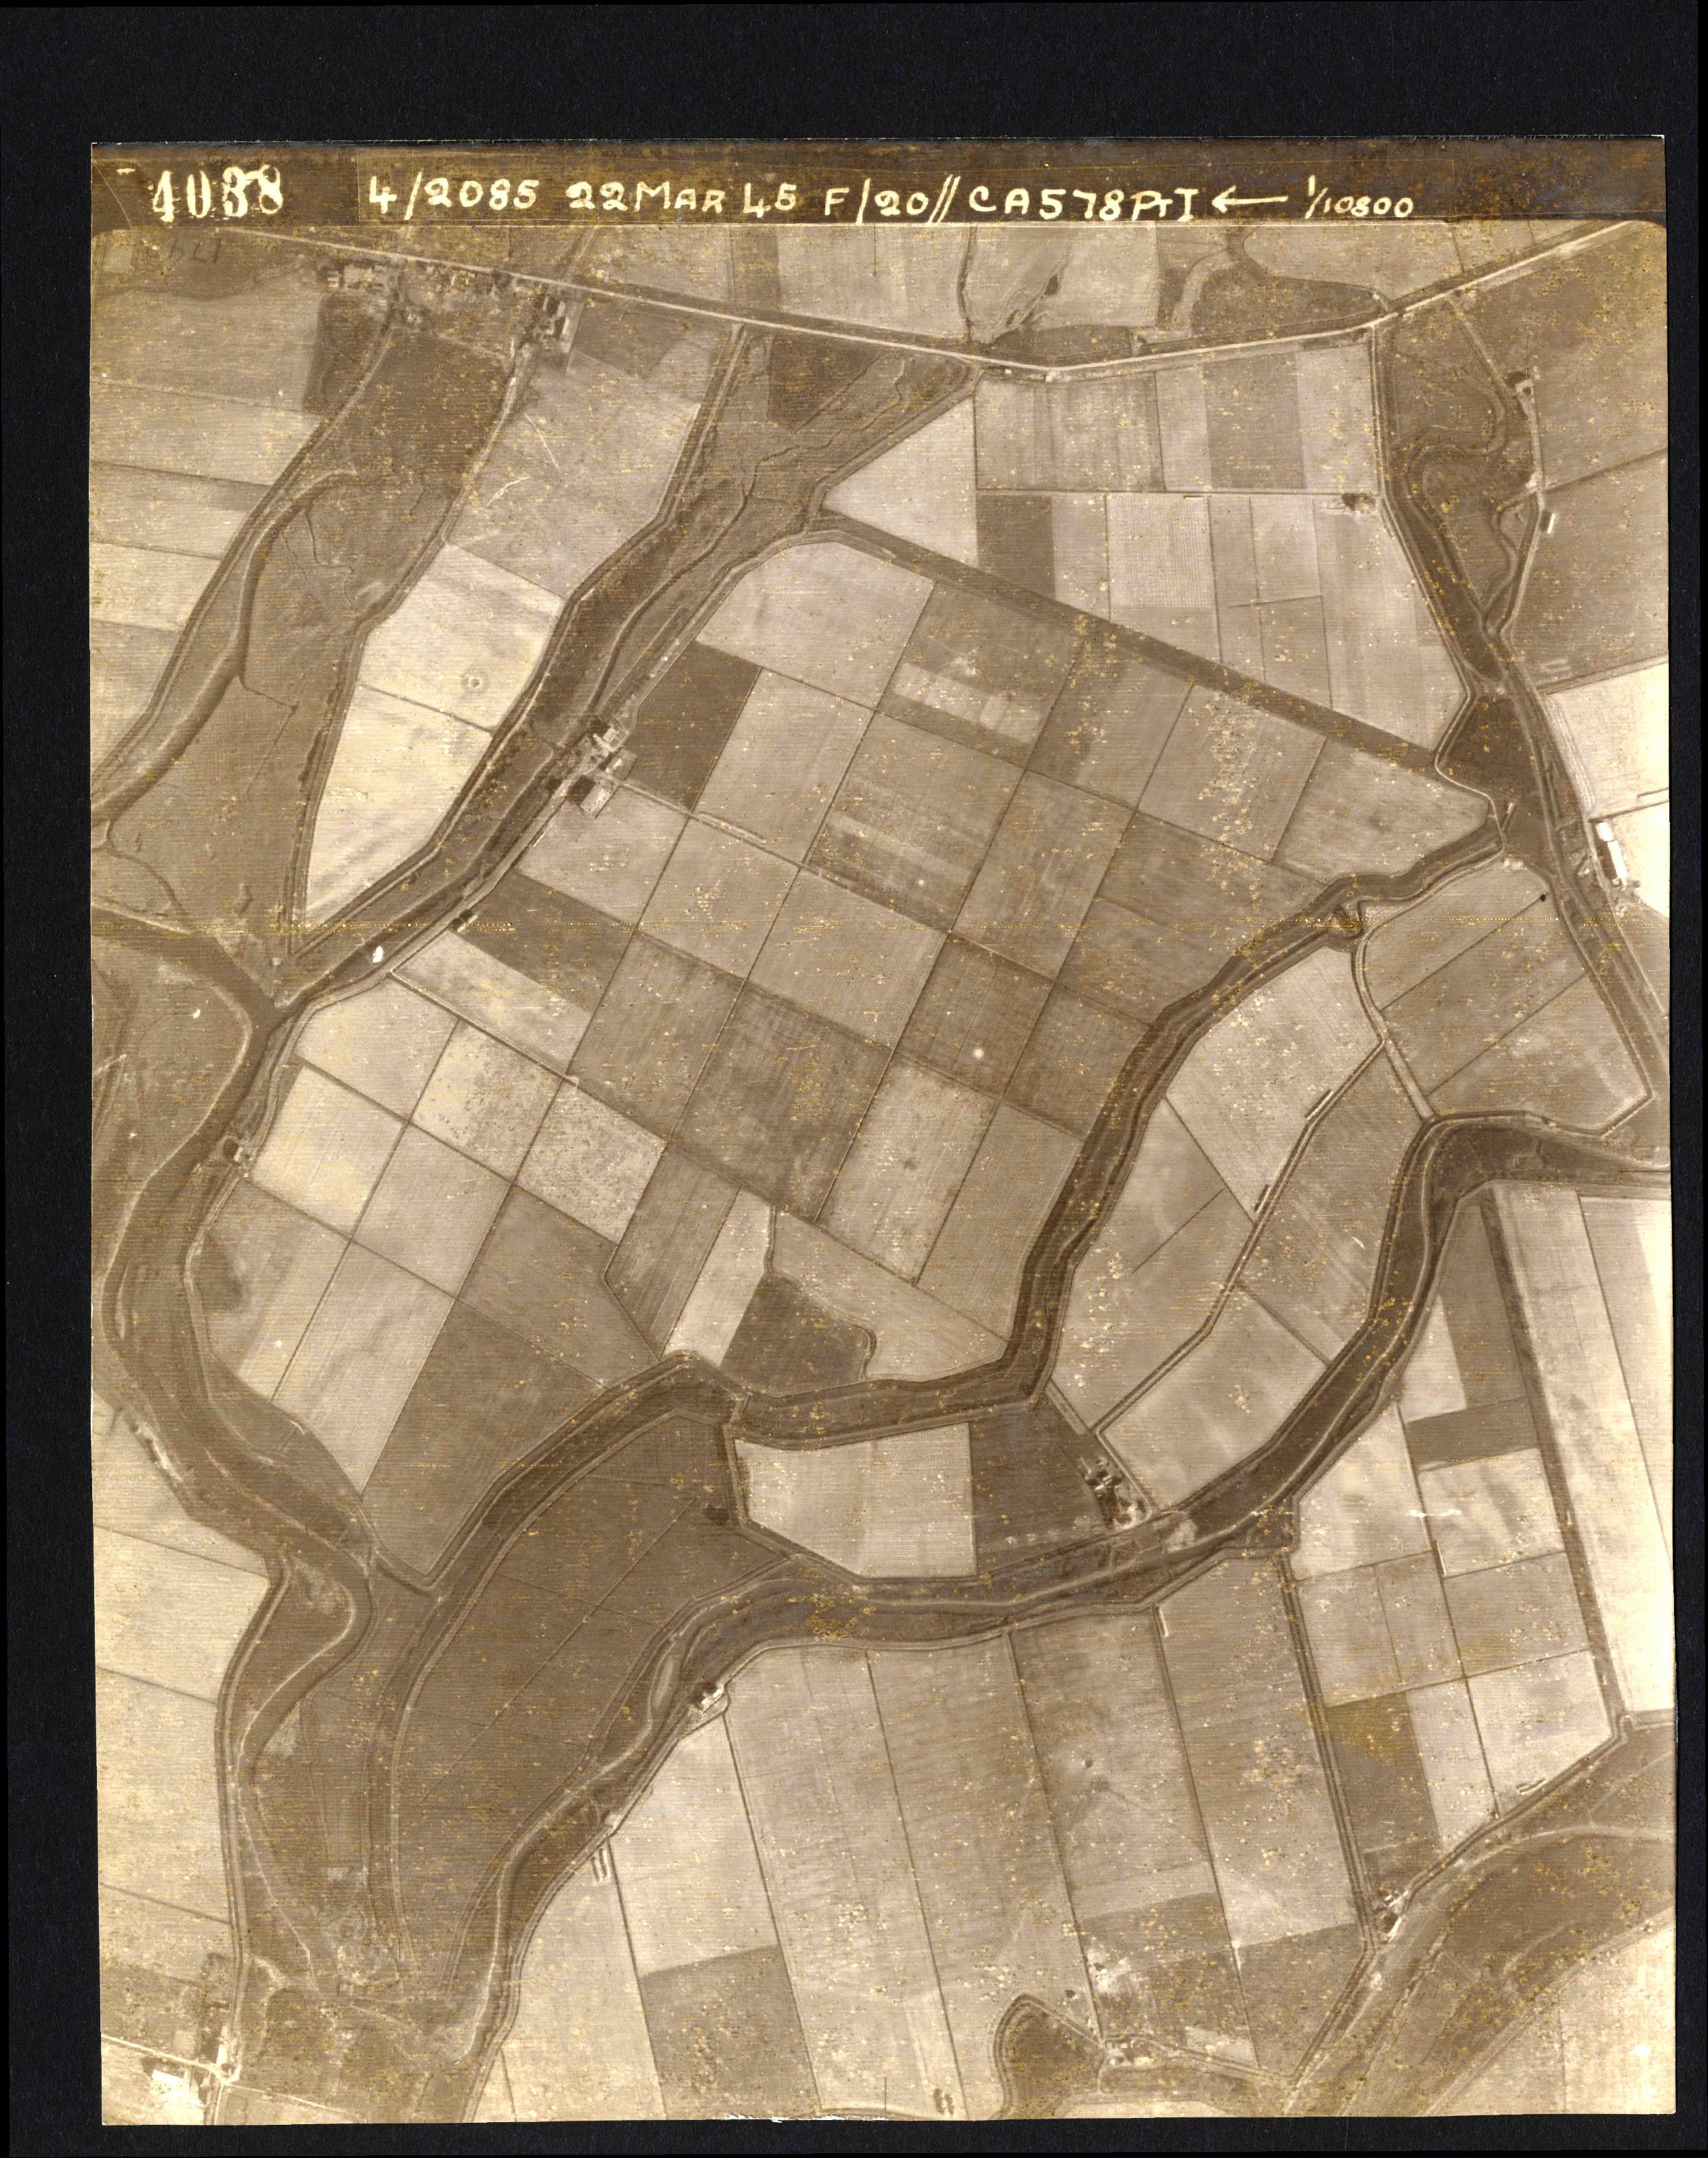 Collection RAF aerial photos 1940-1945 - flight 021, run 01, photo 4038